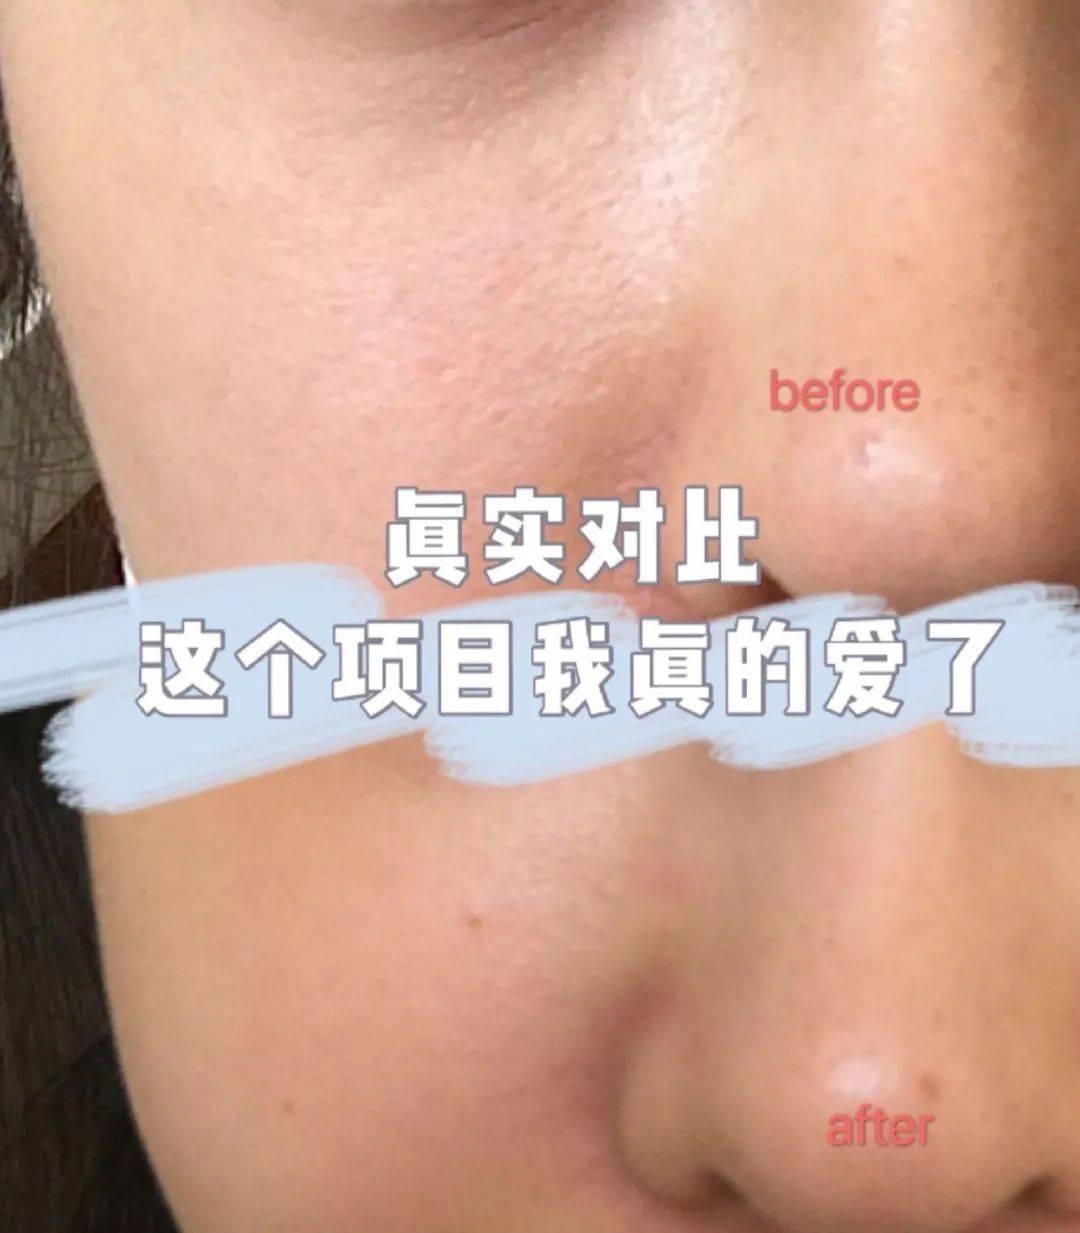 皮肤管理迫在眉睫!微针、果酸、光子成为护肤届三巨头?